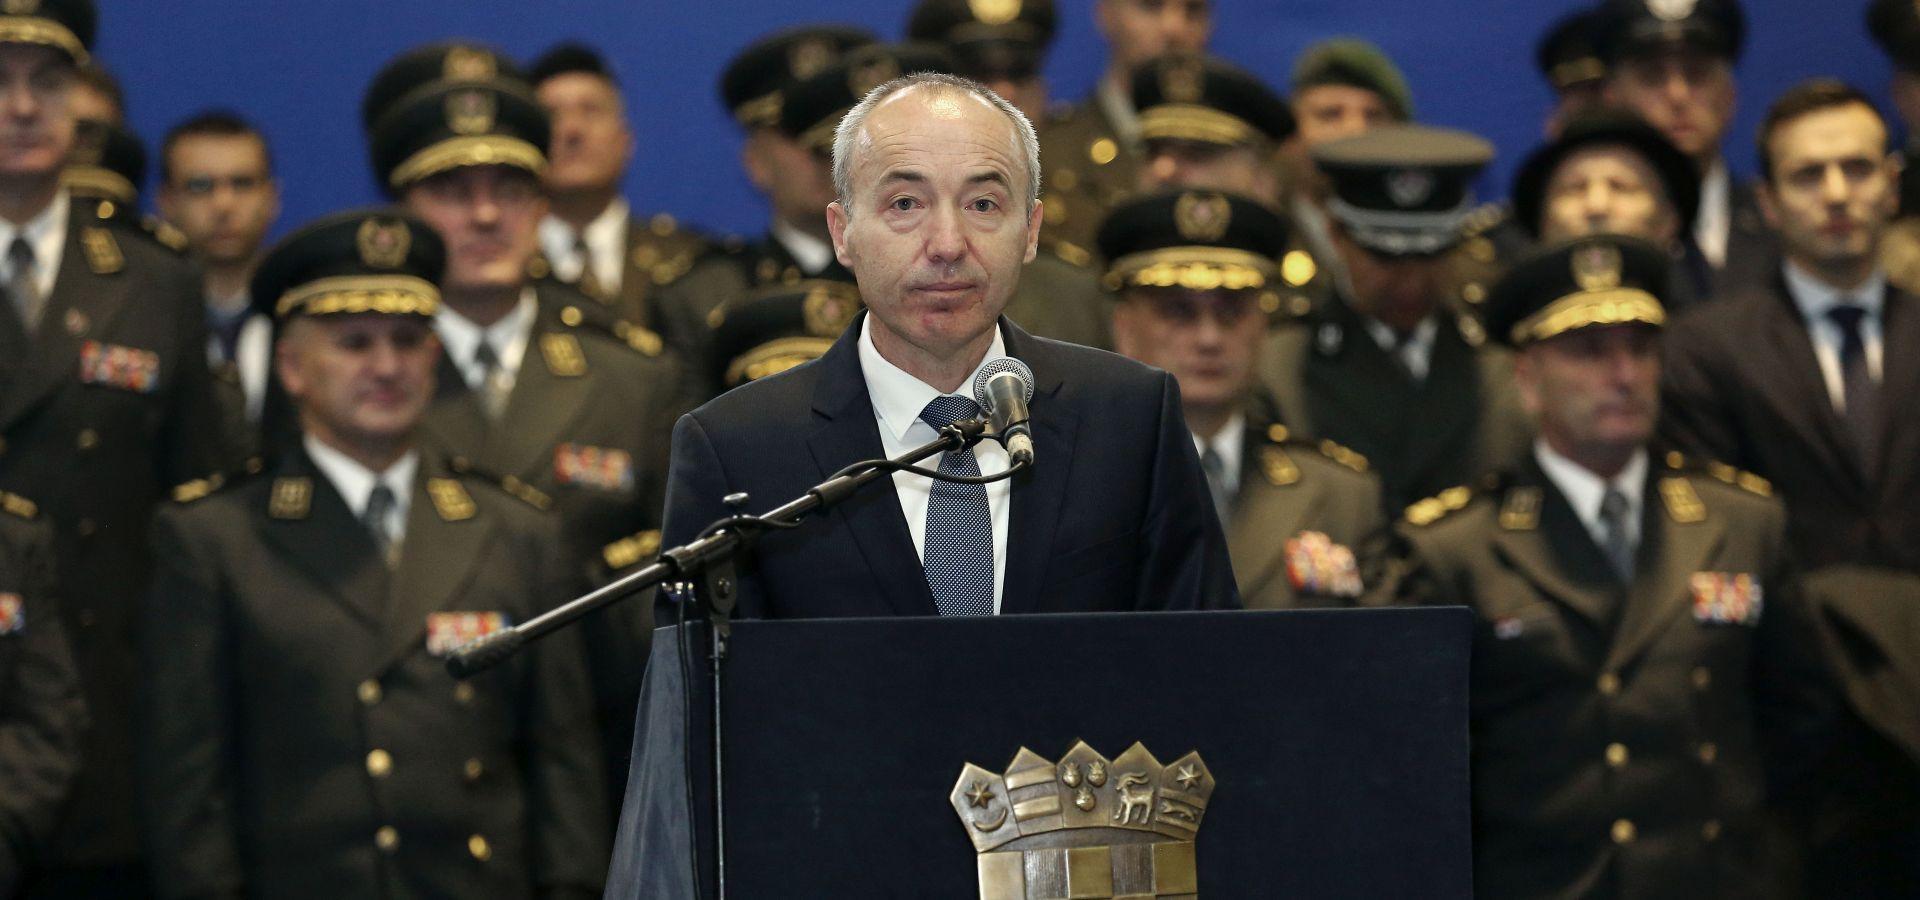 Krstičević i Macierewicz najavili sporazum o obrambenoj suradnji